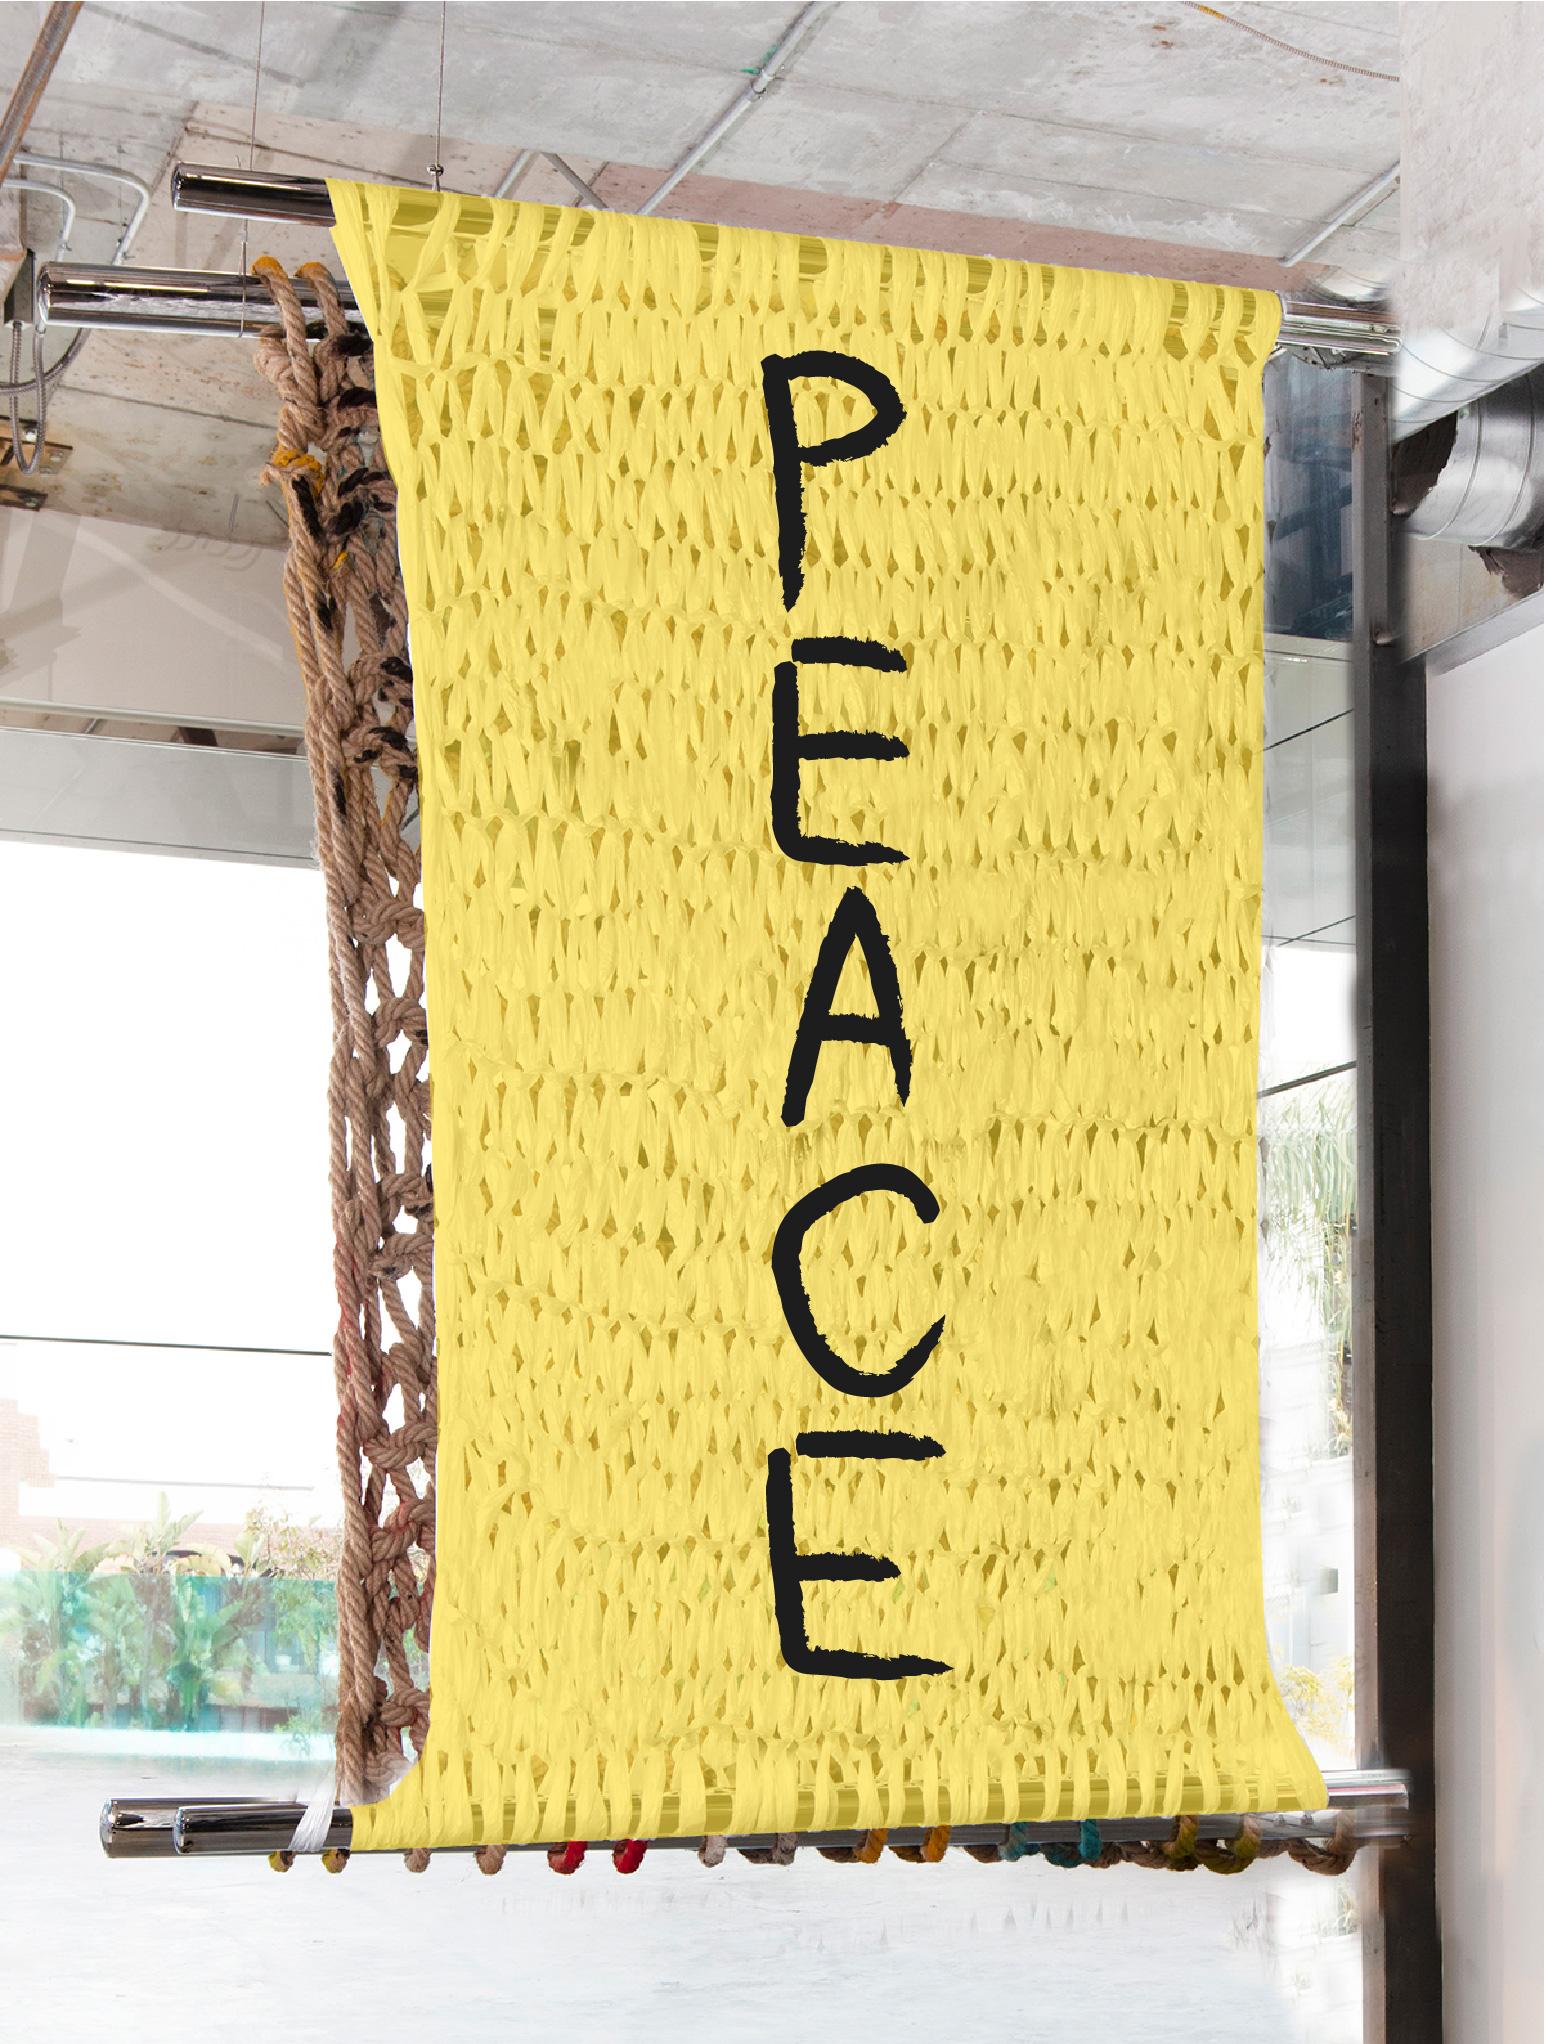 PEACE | 5 X 4' | PAINT ON PLASTIC